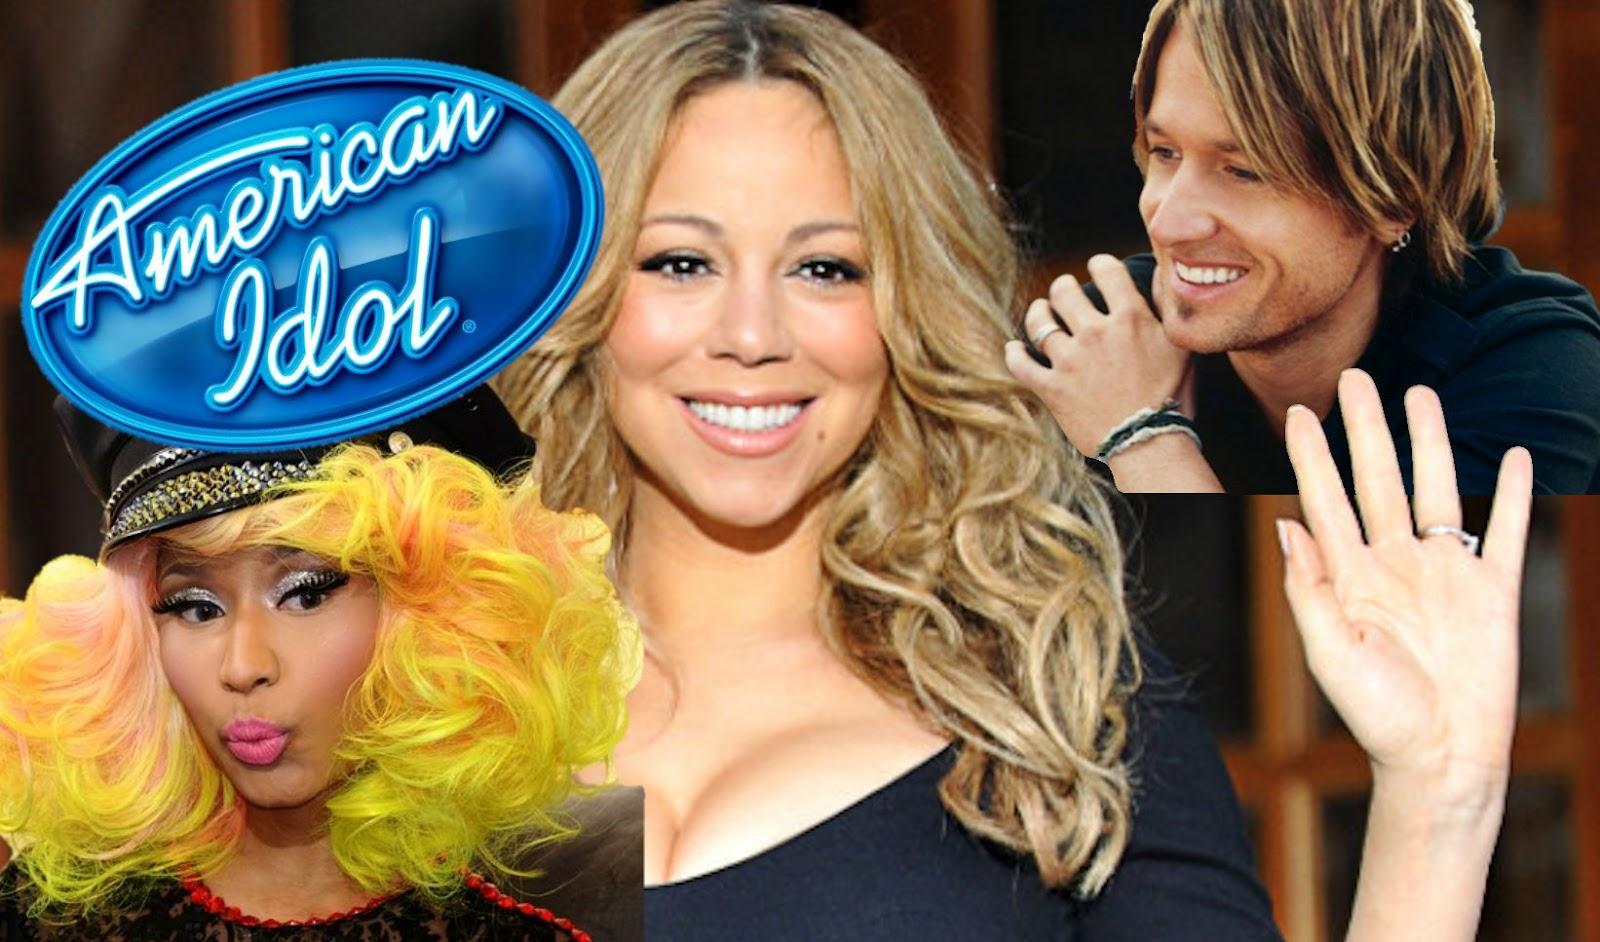 http://3.bp.blogspot.com/-WzR2FyHZfMc/UFZxd4UlIlI/AAAAAAAADmw/2u-DYIFUXxs/s1600/American+Idol+judges.jpg